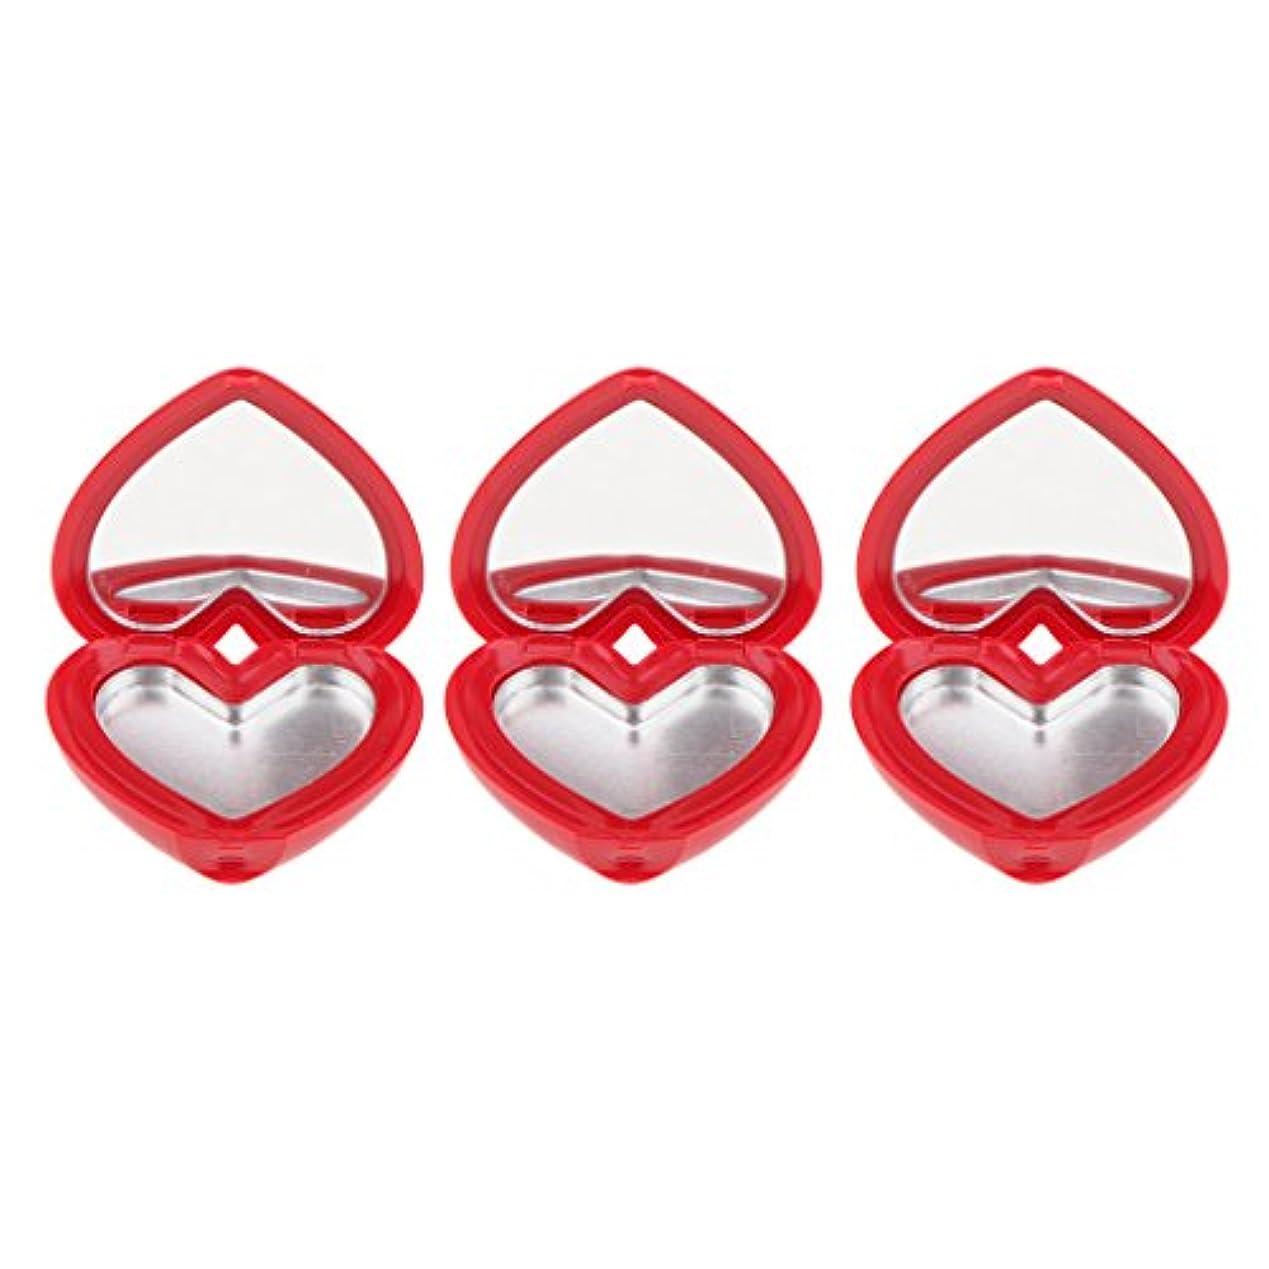 風オーバーフローかりてSM SunniMix ハート型 化粧品ケース 詰替え容器 収納ボックス 口紅 アイシャドウ 小分け 可愛い 全4色 - 赤